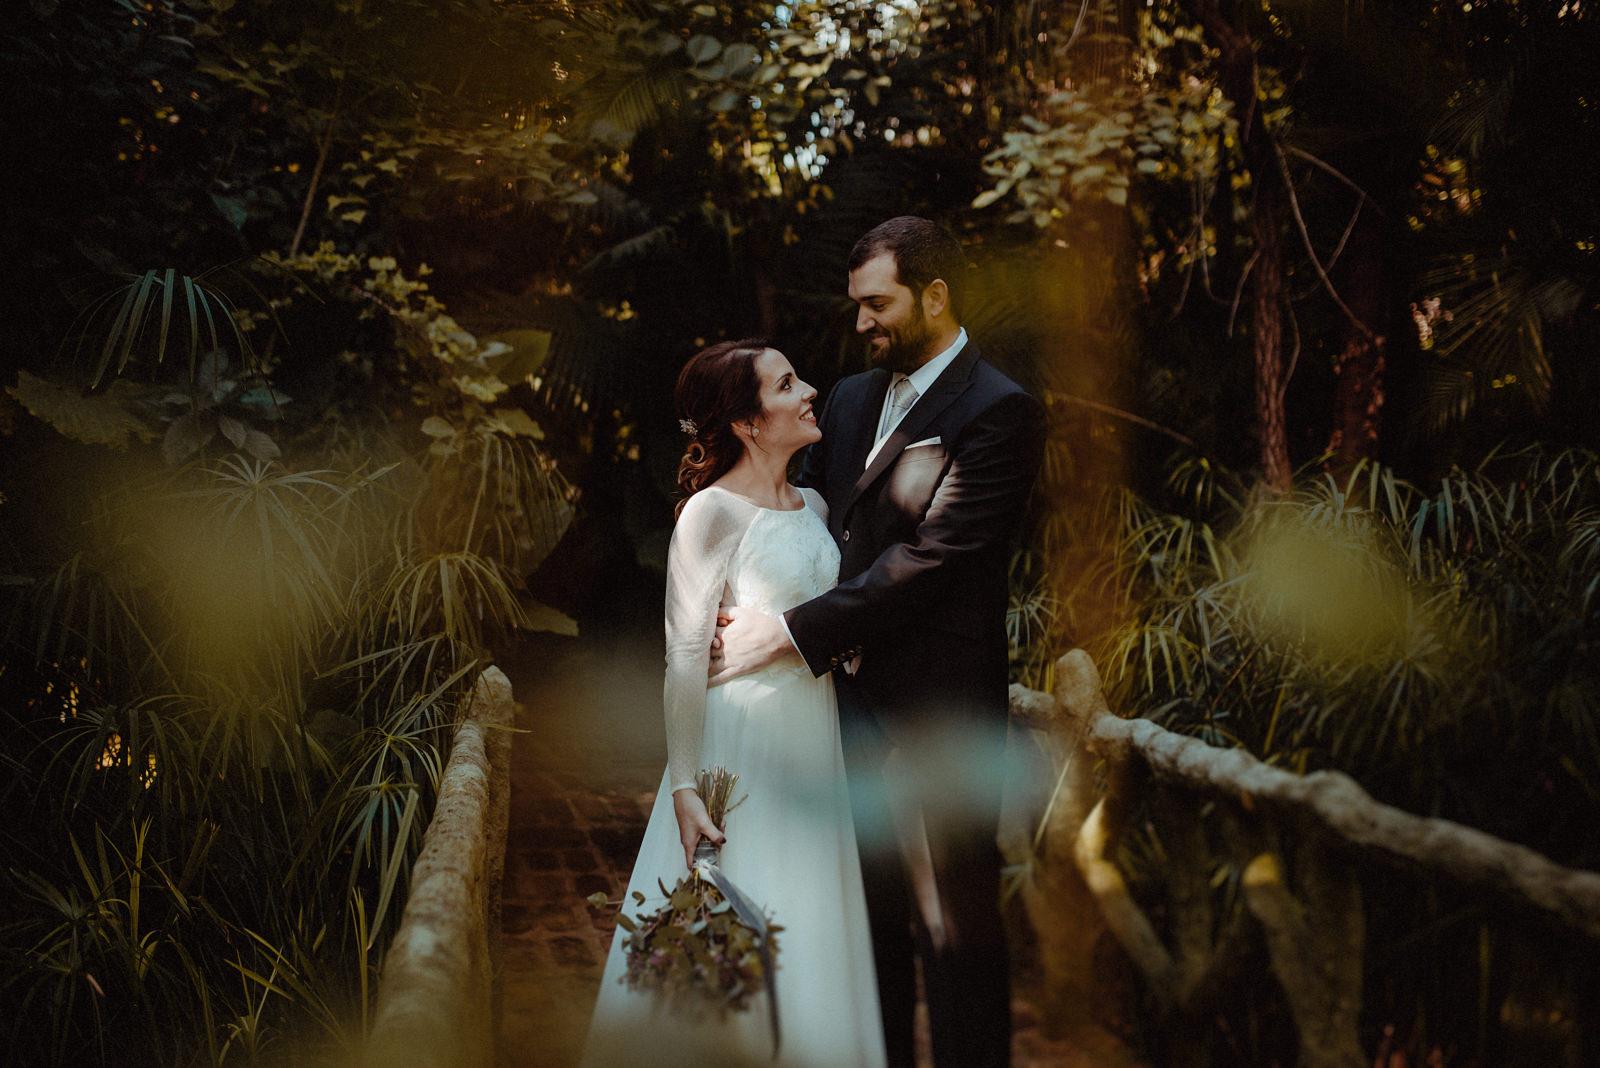 Fotografo de boda en Malaga | Boda en Finca el Realengo